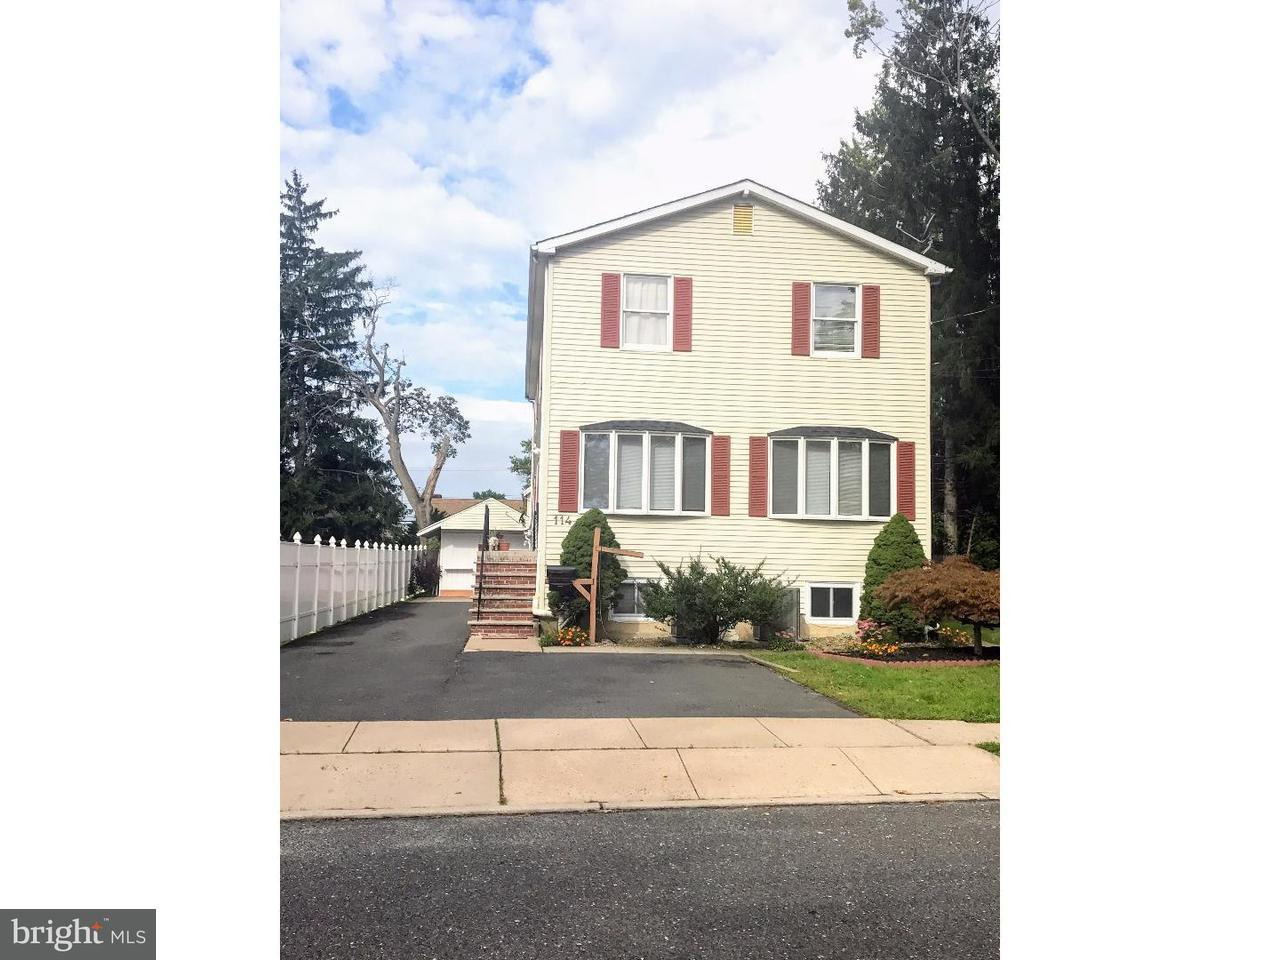 Casa Unifamiliar por un Venta en 114 MANLOVE Avenue Hightstown, Nueva Jersey 08520 Estados UnidosEn/Alrededor: Hightstown Borough